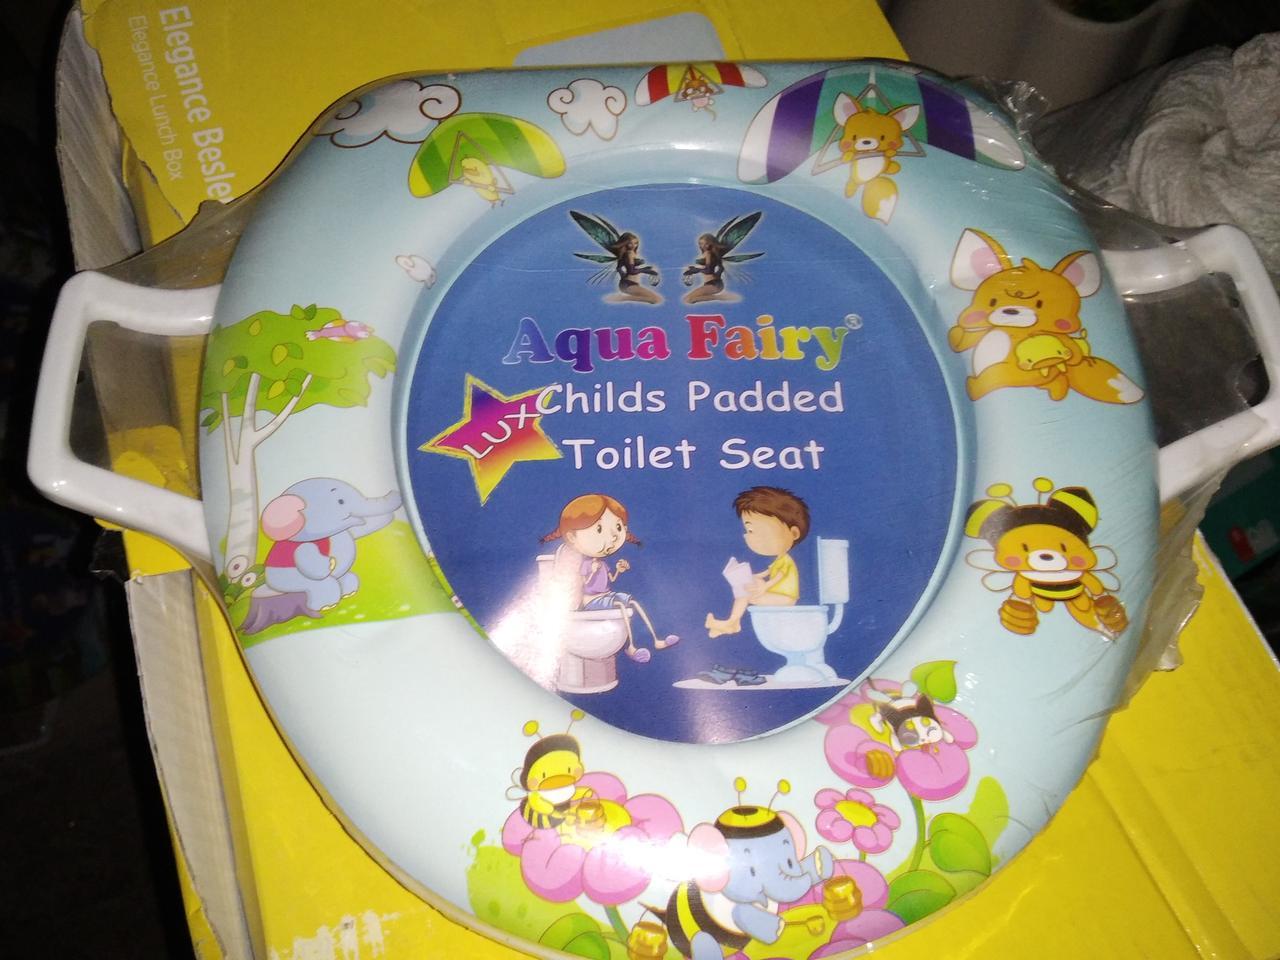 Накладка вставка детская сиденье для унитаза мягкая Украина Aqua Fairy с ручками пчелки